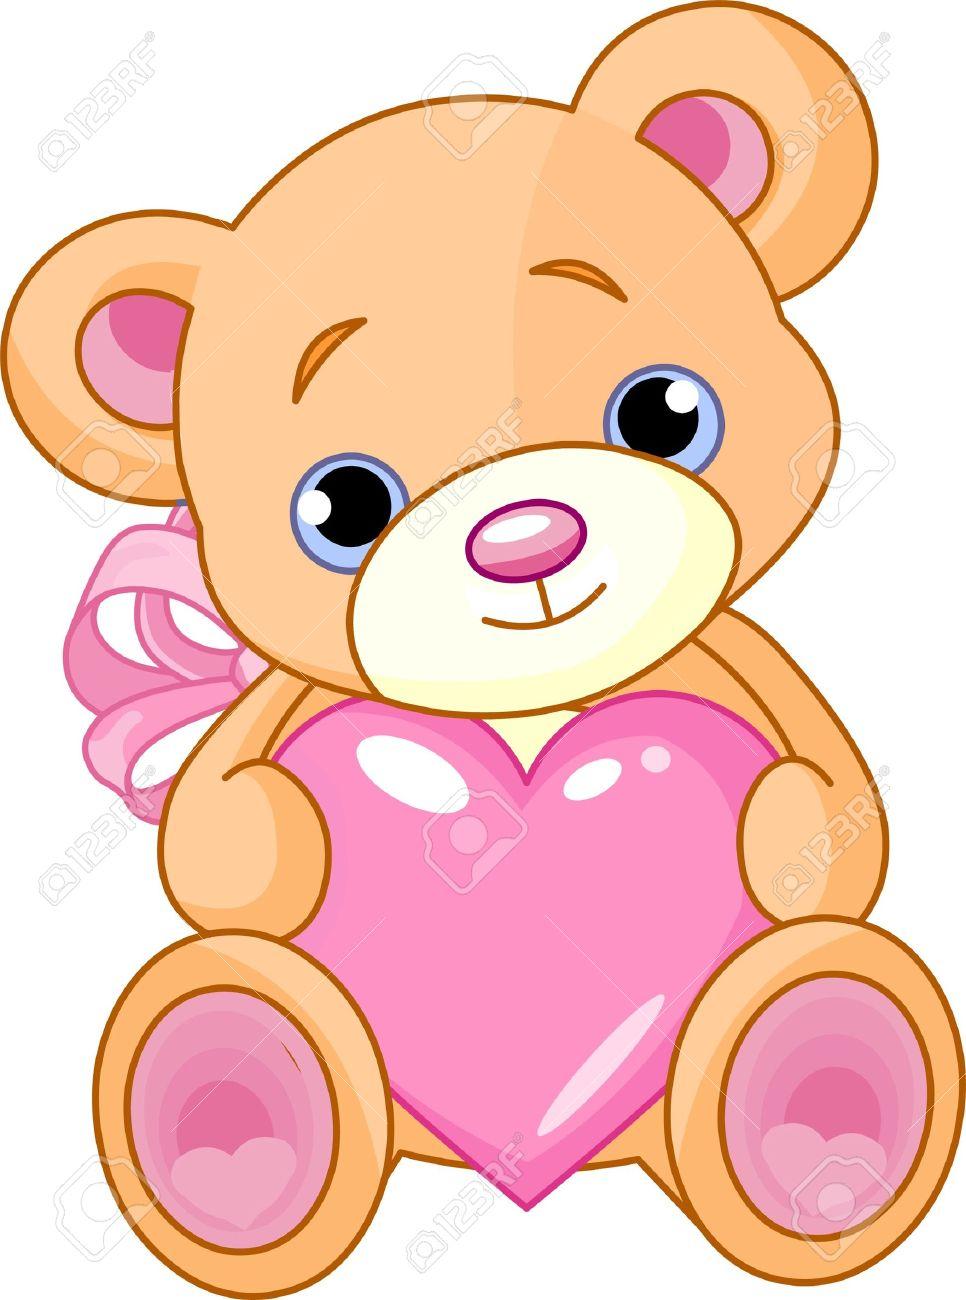 966x1300 Drawings Of Teddy Bear With Heart 5,451 Teddy Bear Heart Stock